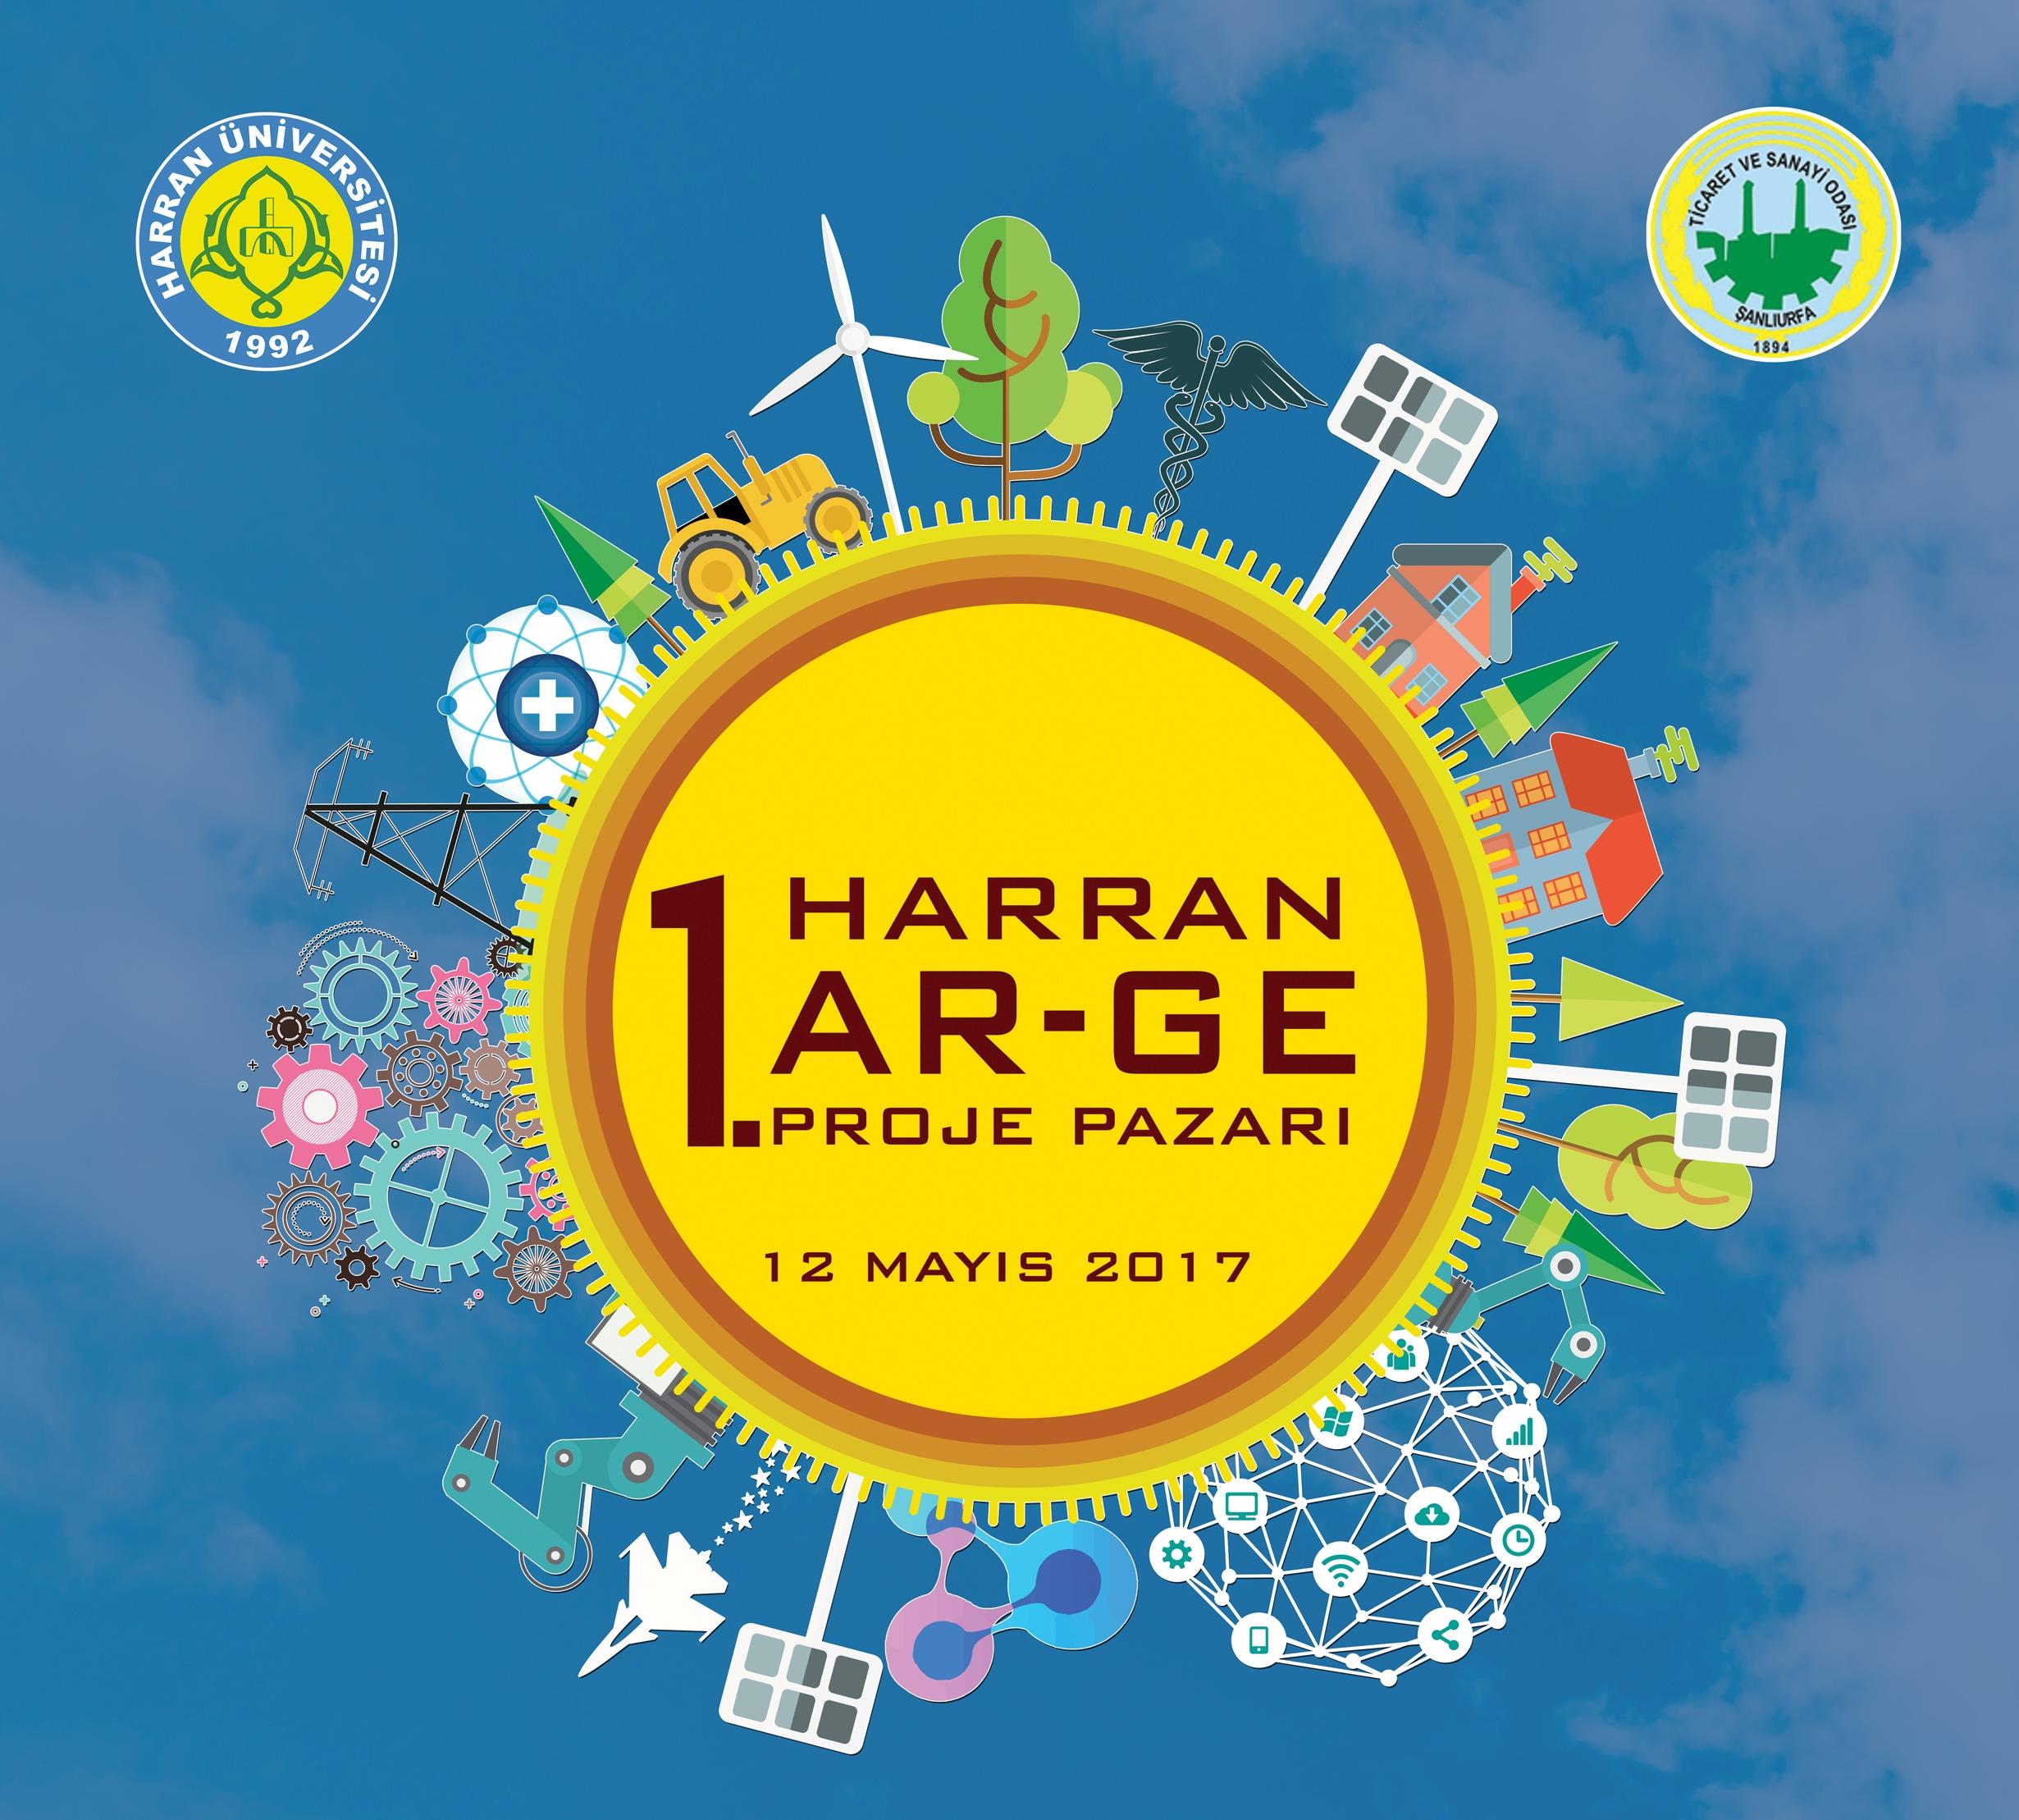 1. Harran Ar-Ge Proje Pazarı! Son Başvuru Tarihi: 15 Nisan 2017, Etkinlik Tarihi: 12 Mayıs 2017